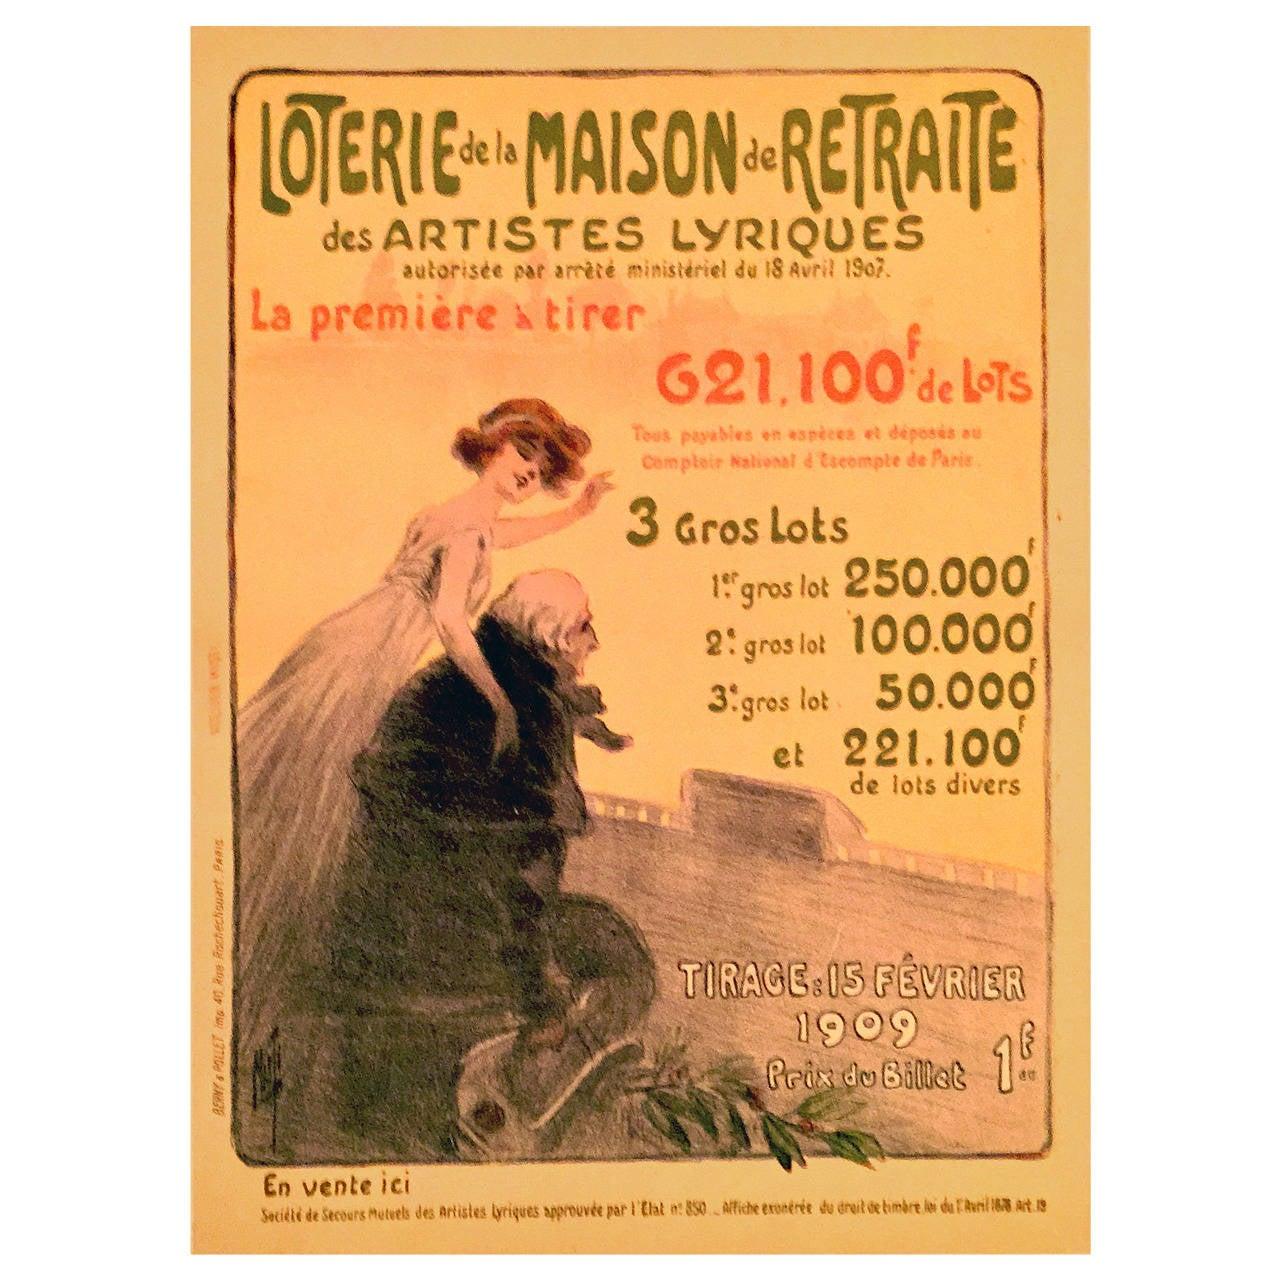 French Art Nouveau Period Poster for the Loterie de la Maison de Retrai, 1909